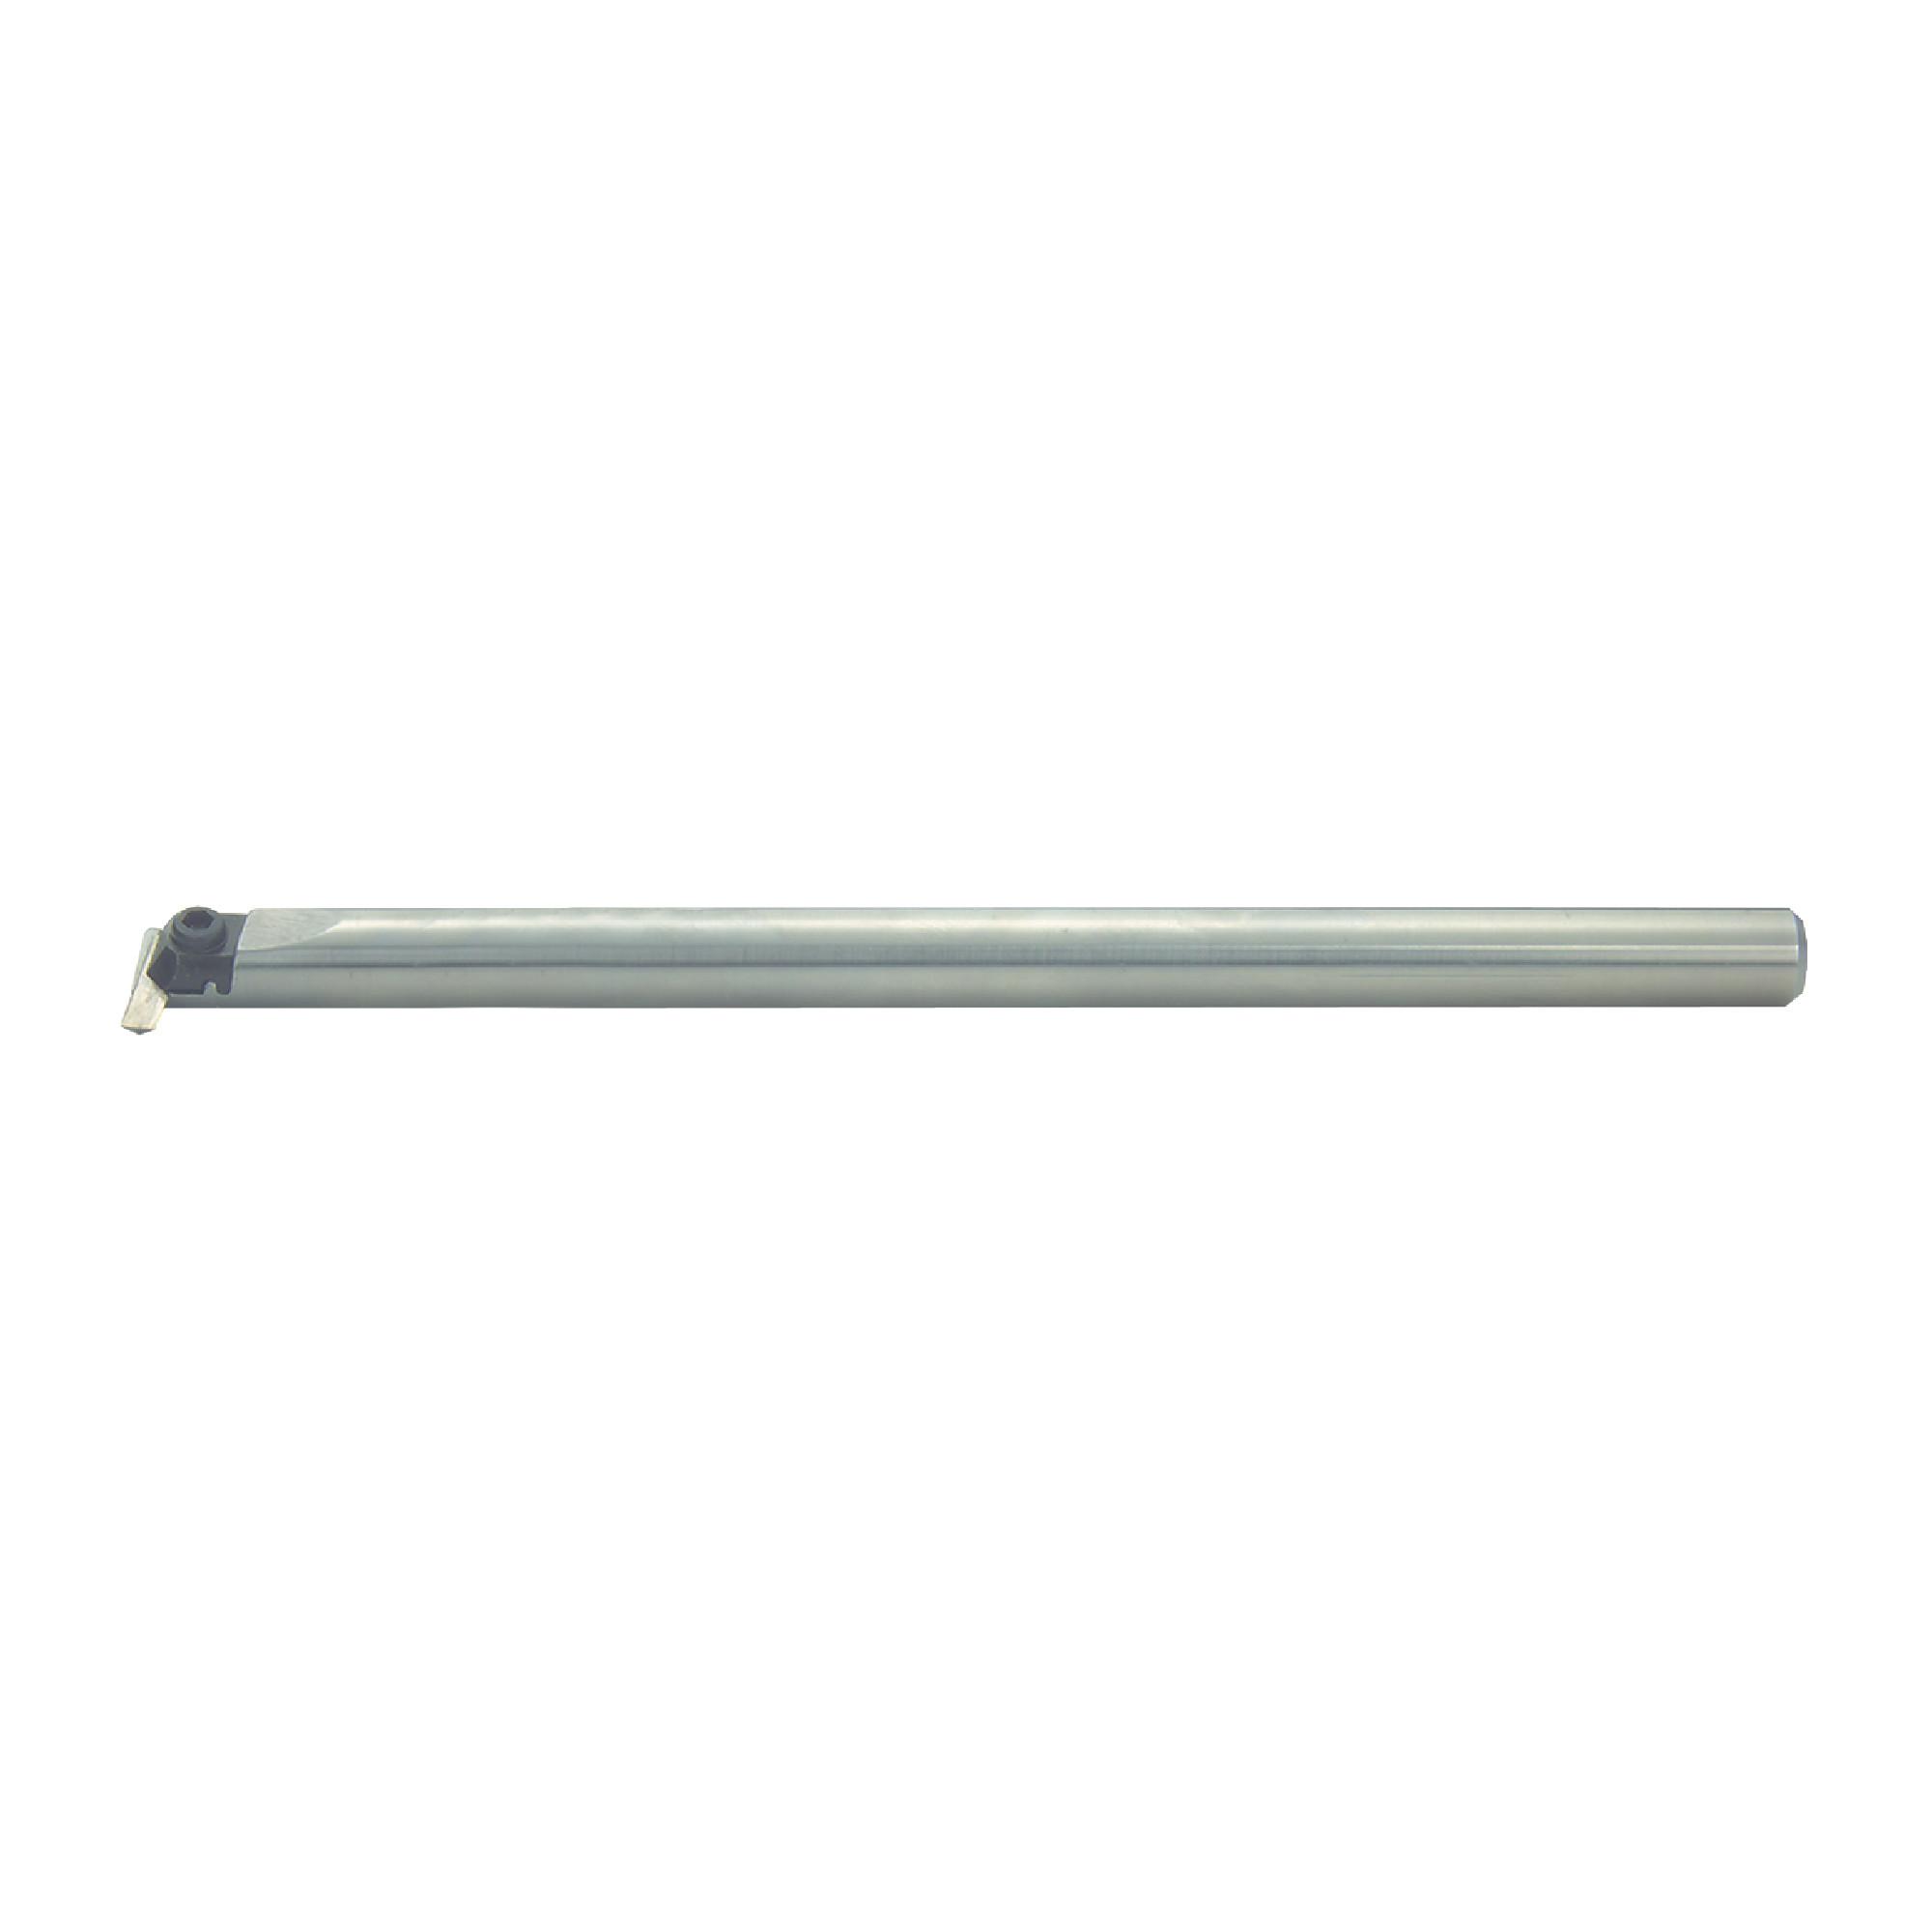 200 Series - 10°Lead Angle Boring Bar